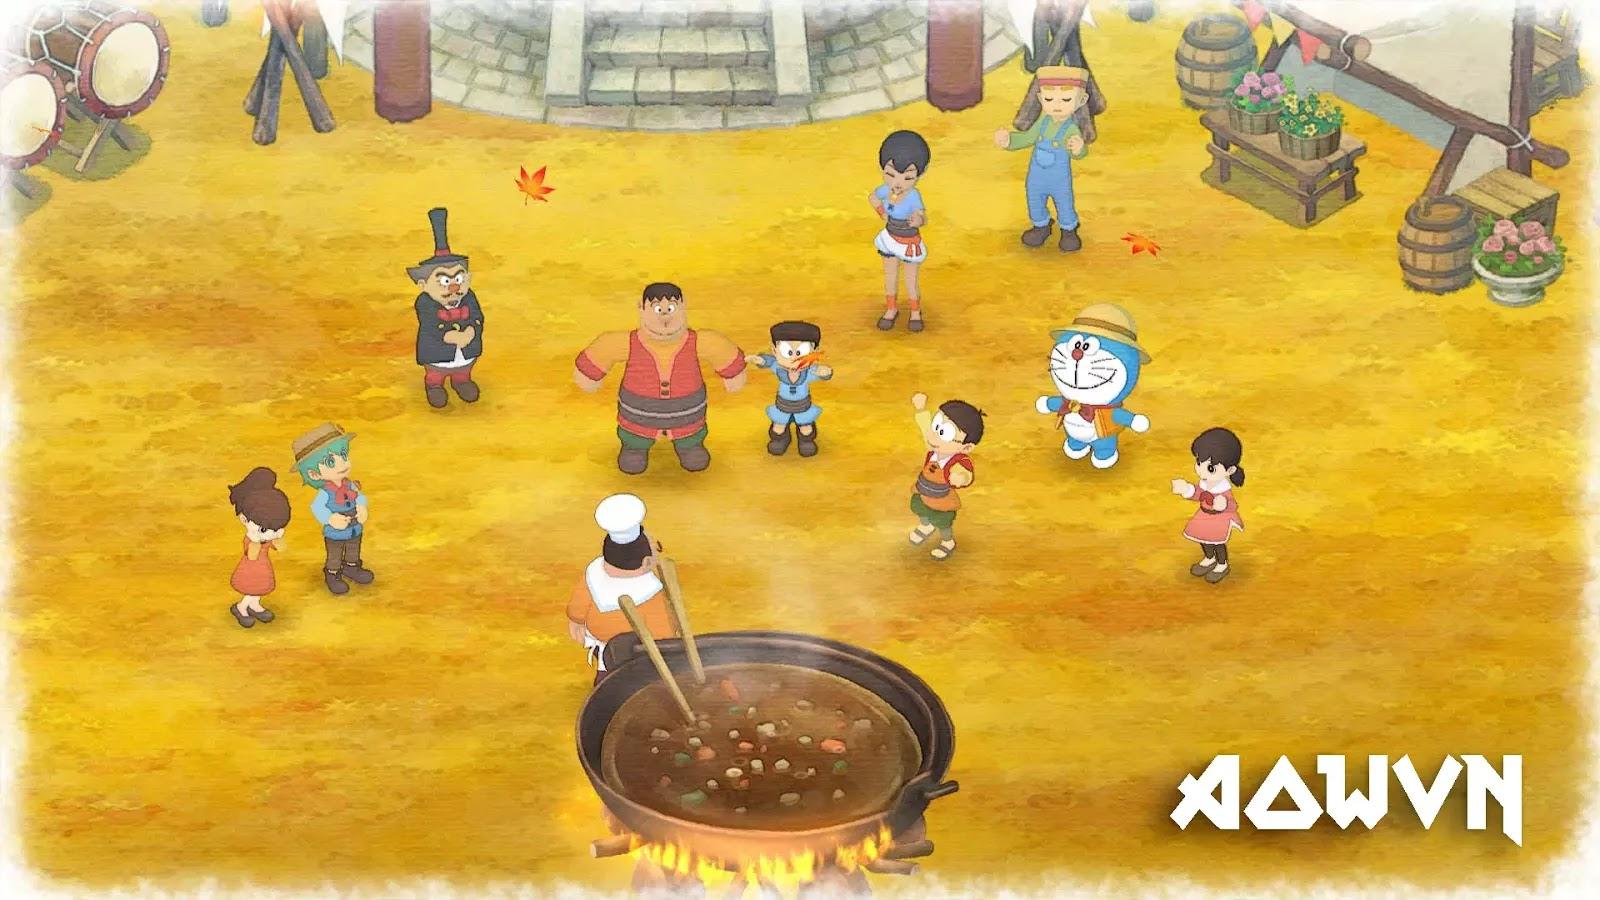 %255B%2BNEW%2B%255D%2BGame%2B%2BDORAEMON%2BSTORY%2BOF%2BSEASONS%2B%2BPC%2B %2BN%25C3%25B4ng%2Btr%25E1%25BA%25A1i%2BDoremon%2B%25281%2529 - [ NEW ] Game : Doraemon and Story of Seasons | PC - Game nông trại Doremon